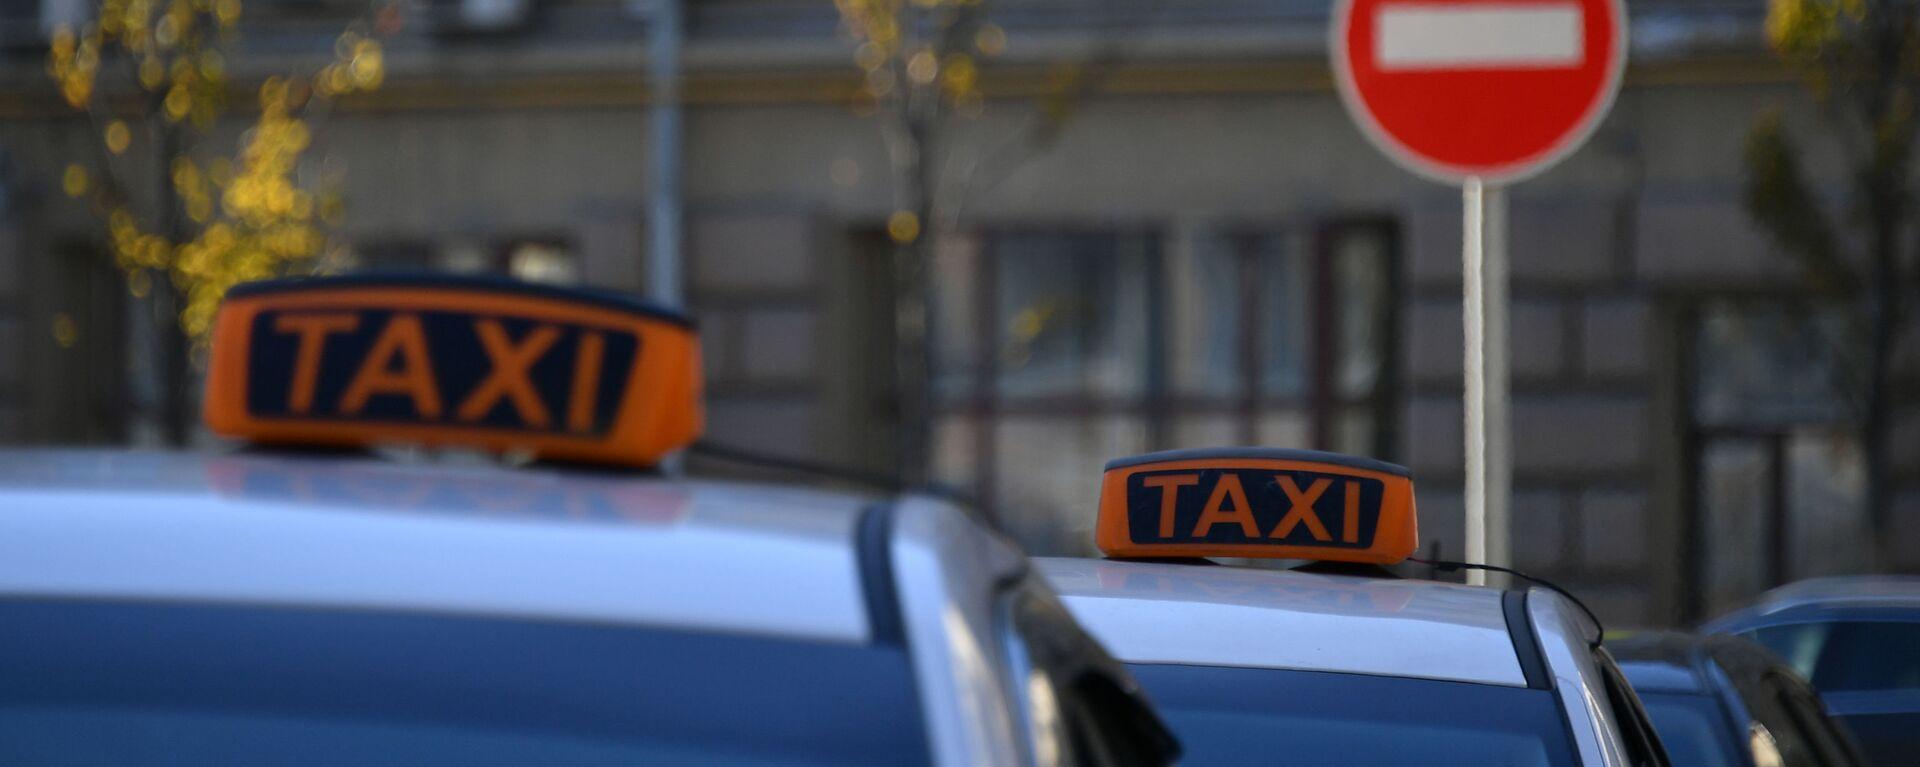 Автомобили такси у дорожного знака - Sputnik Таджикистан, 1920, 23.05.2021